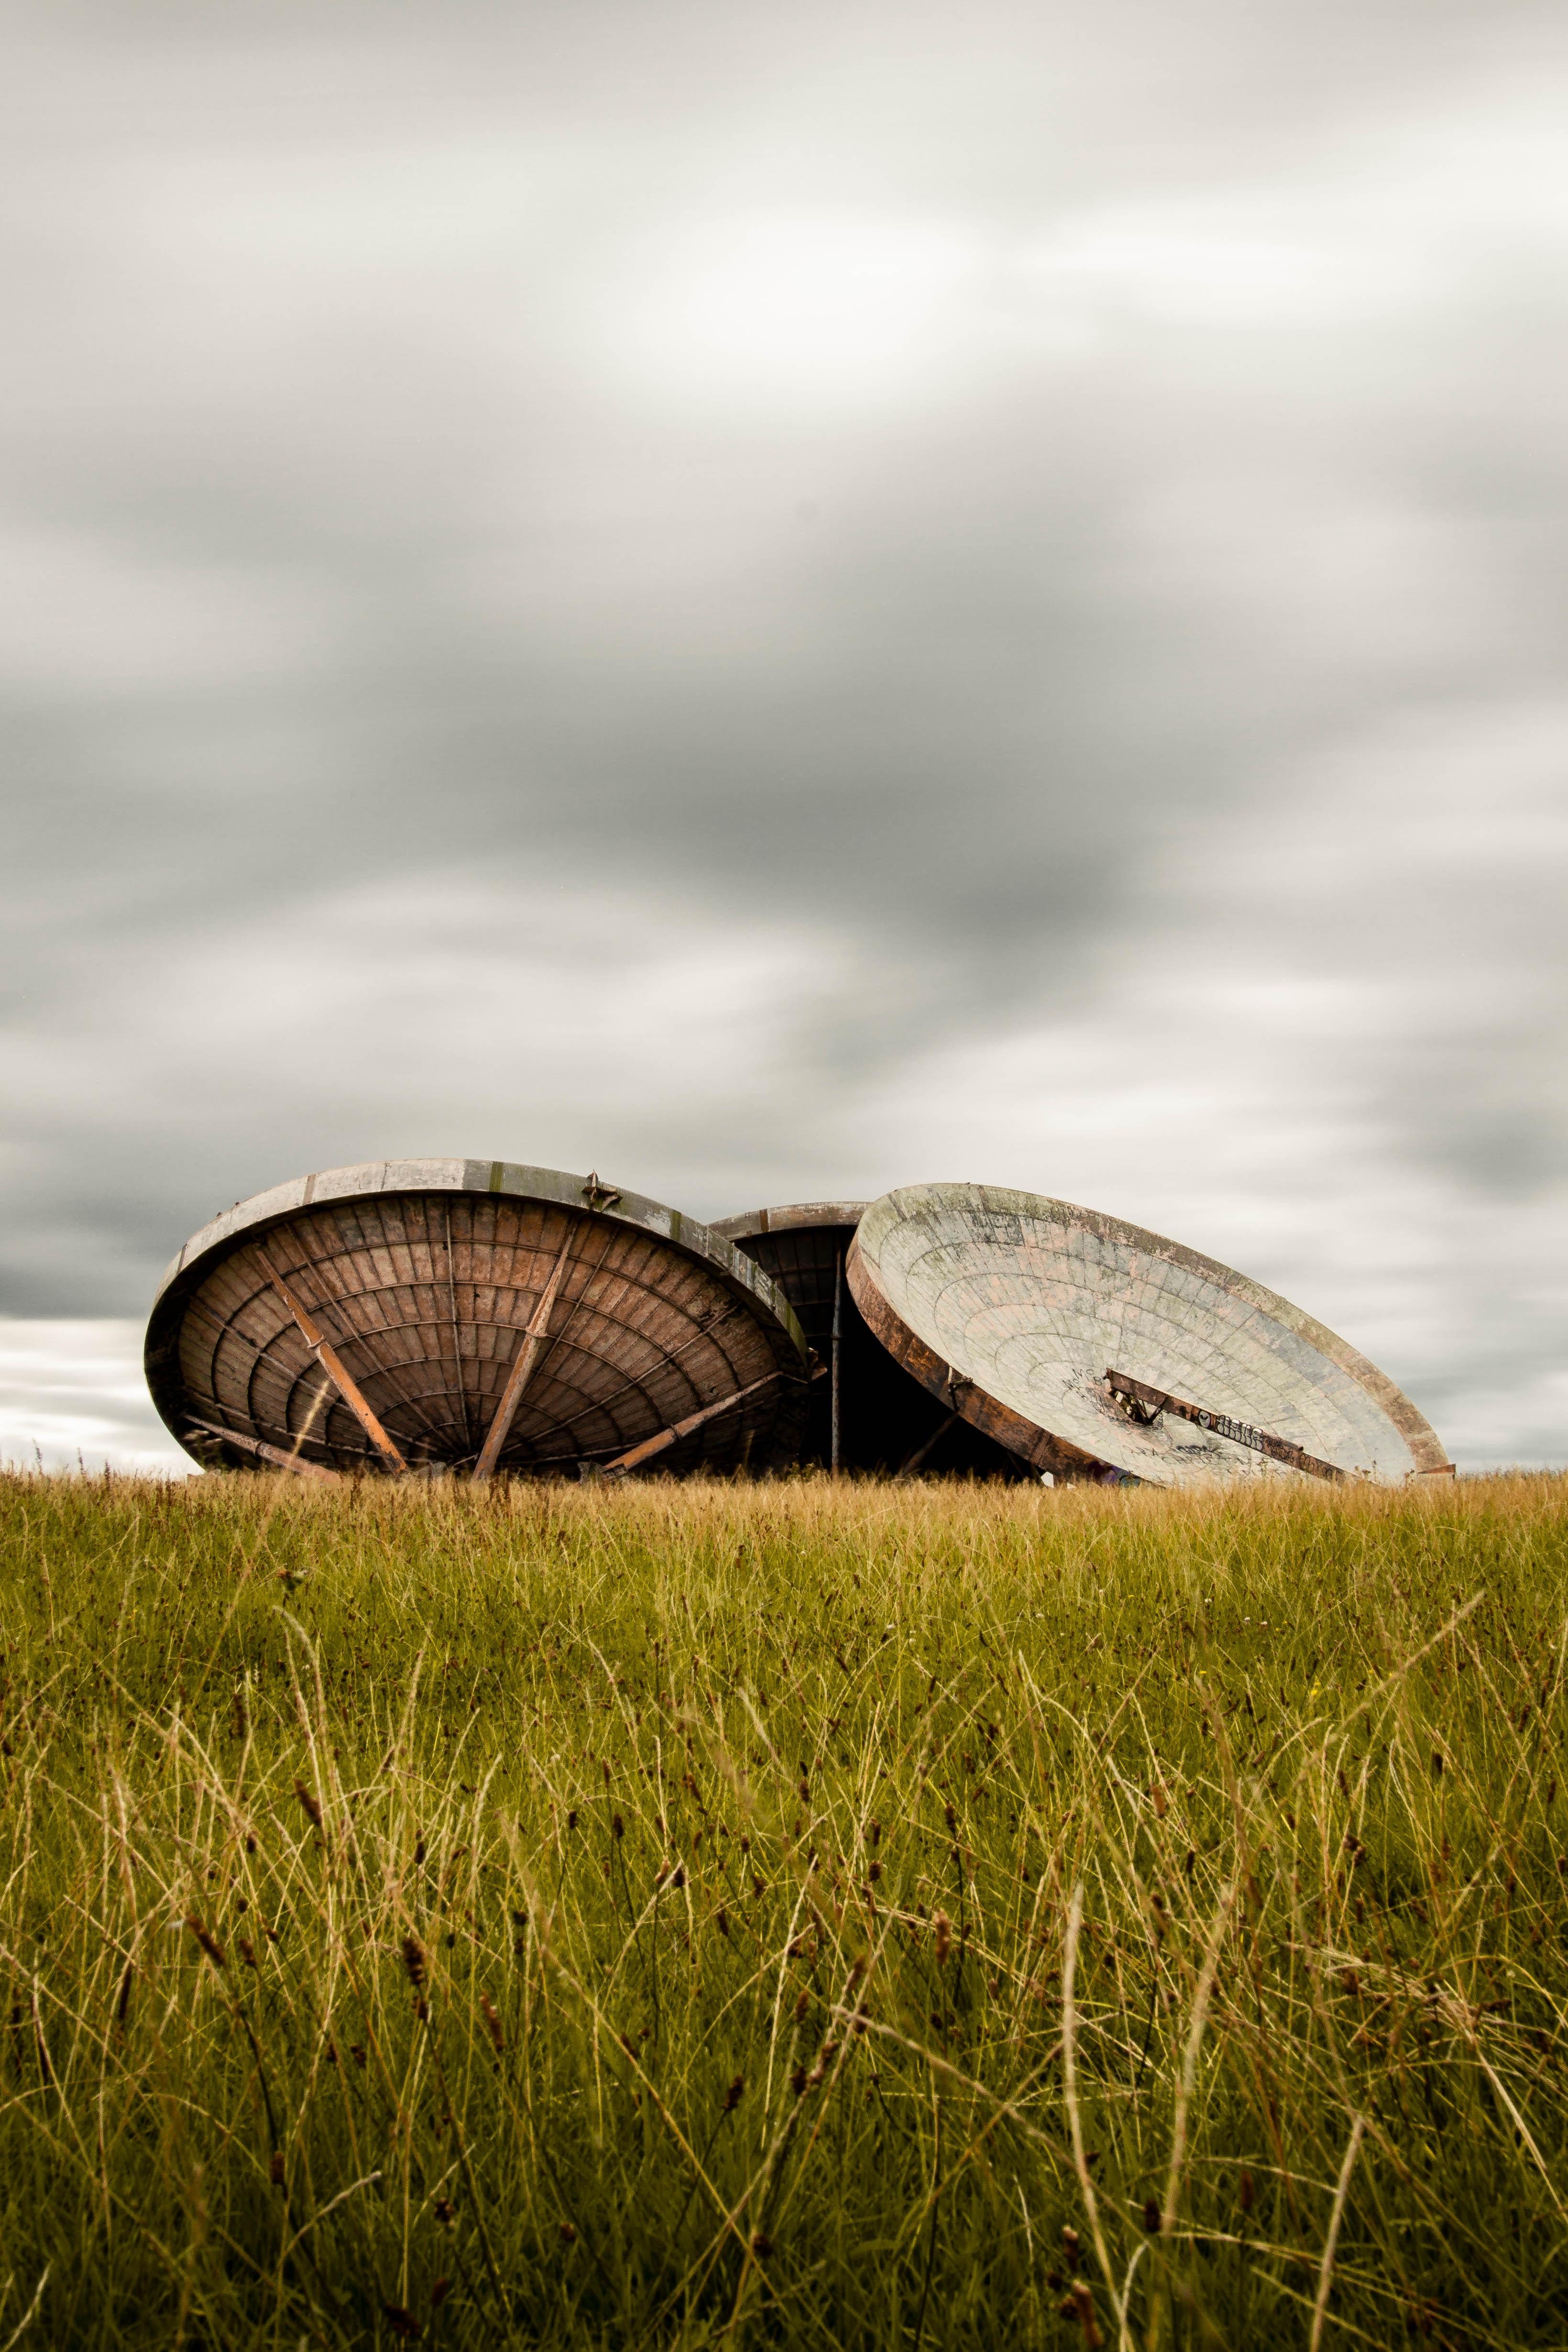 round brown wooden frames on green grass taken at daytime